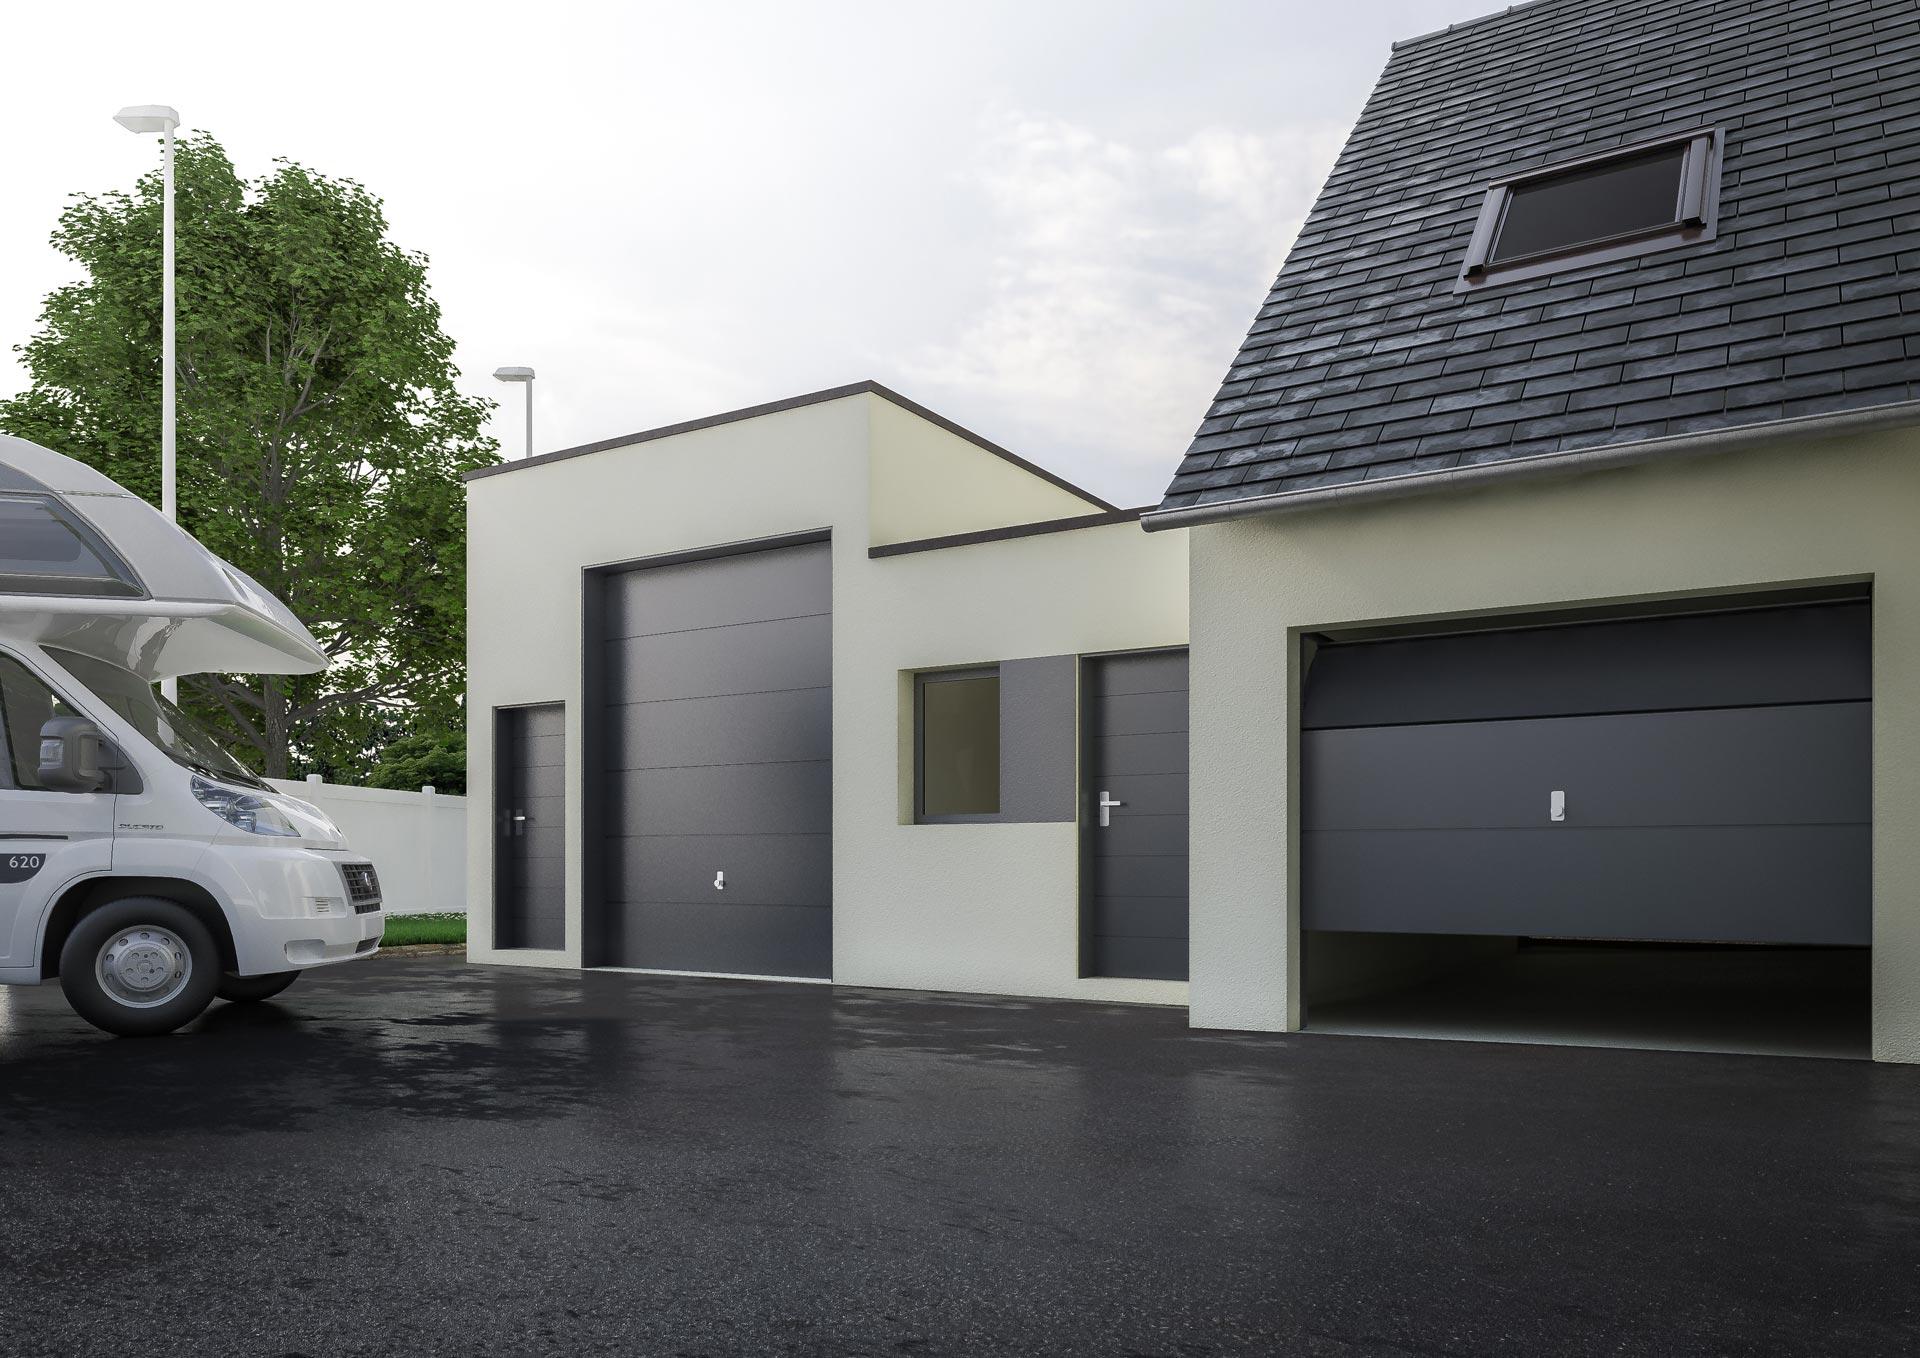 Extension garage maison extension de garage en bois with for Prix extension garage